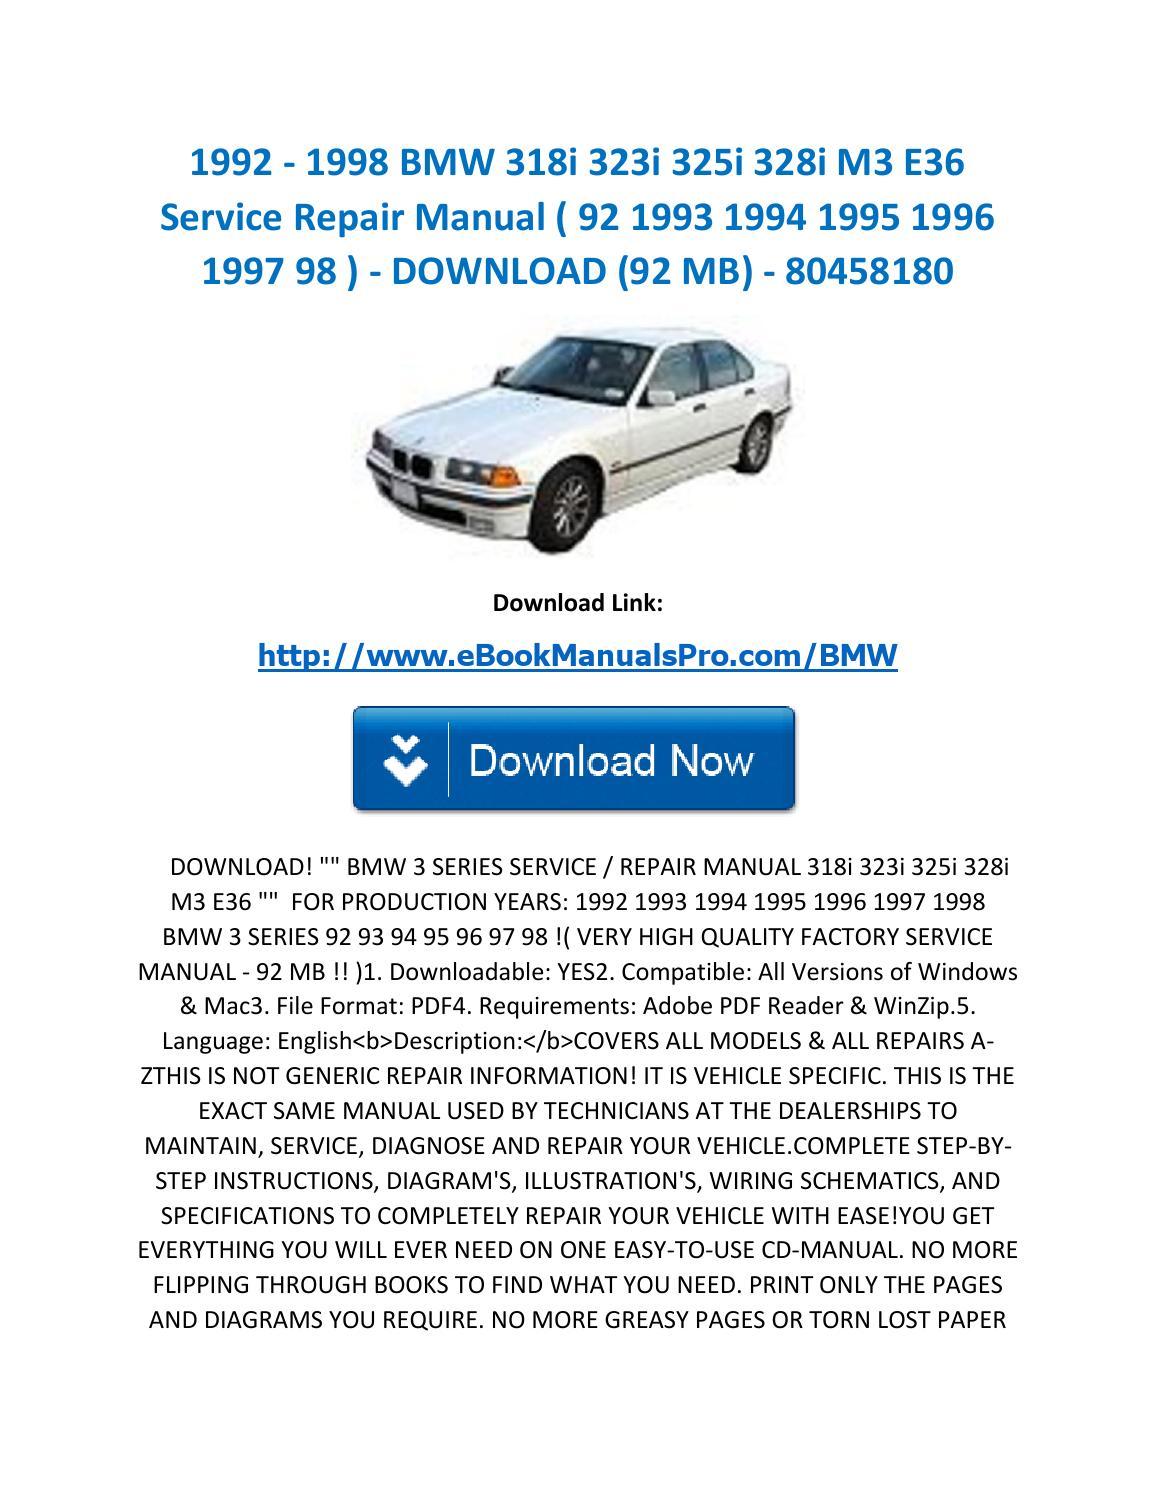 97 bmw 328i repair manual